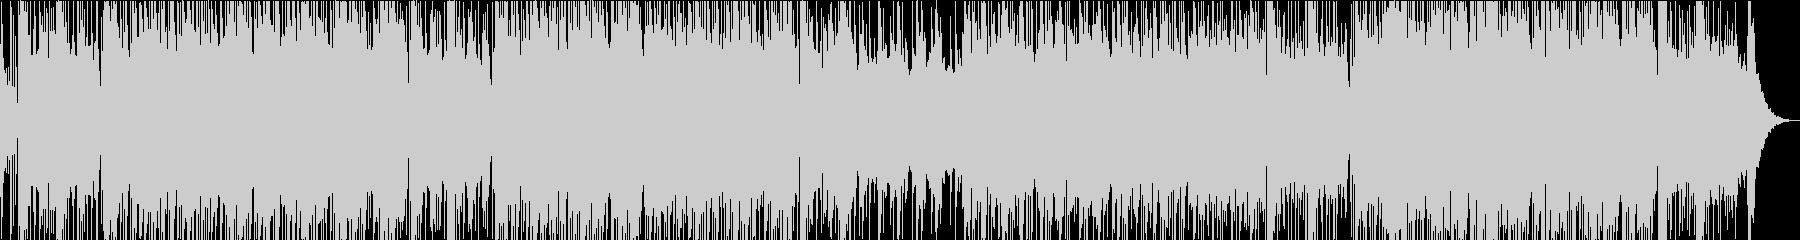 【生演奏】三線とアコースティックな楽器達の未再生の波形